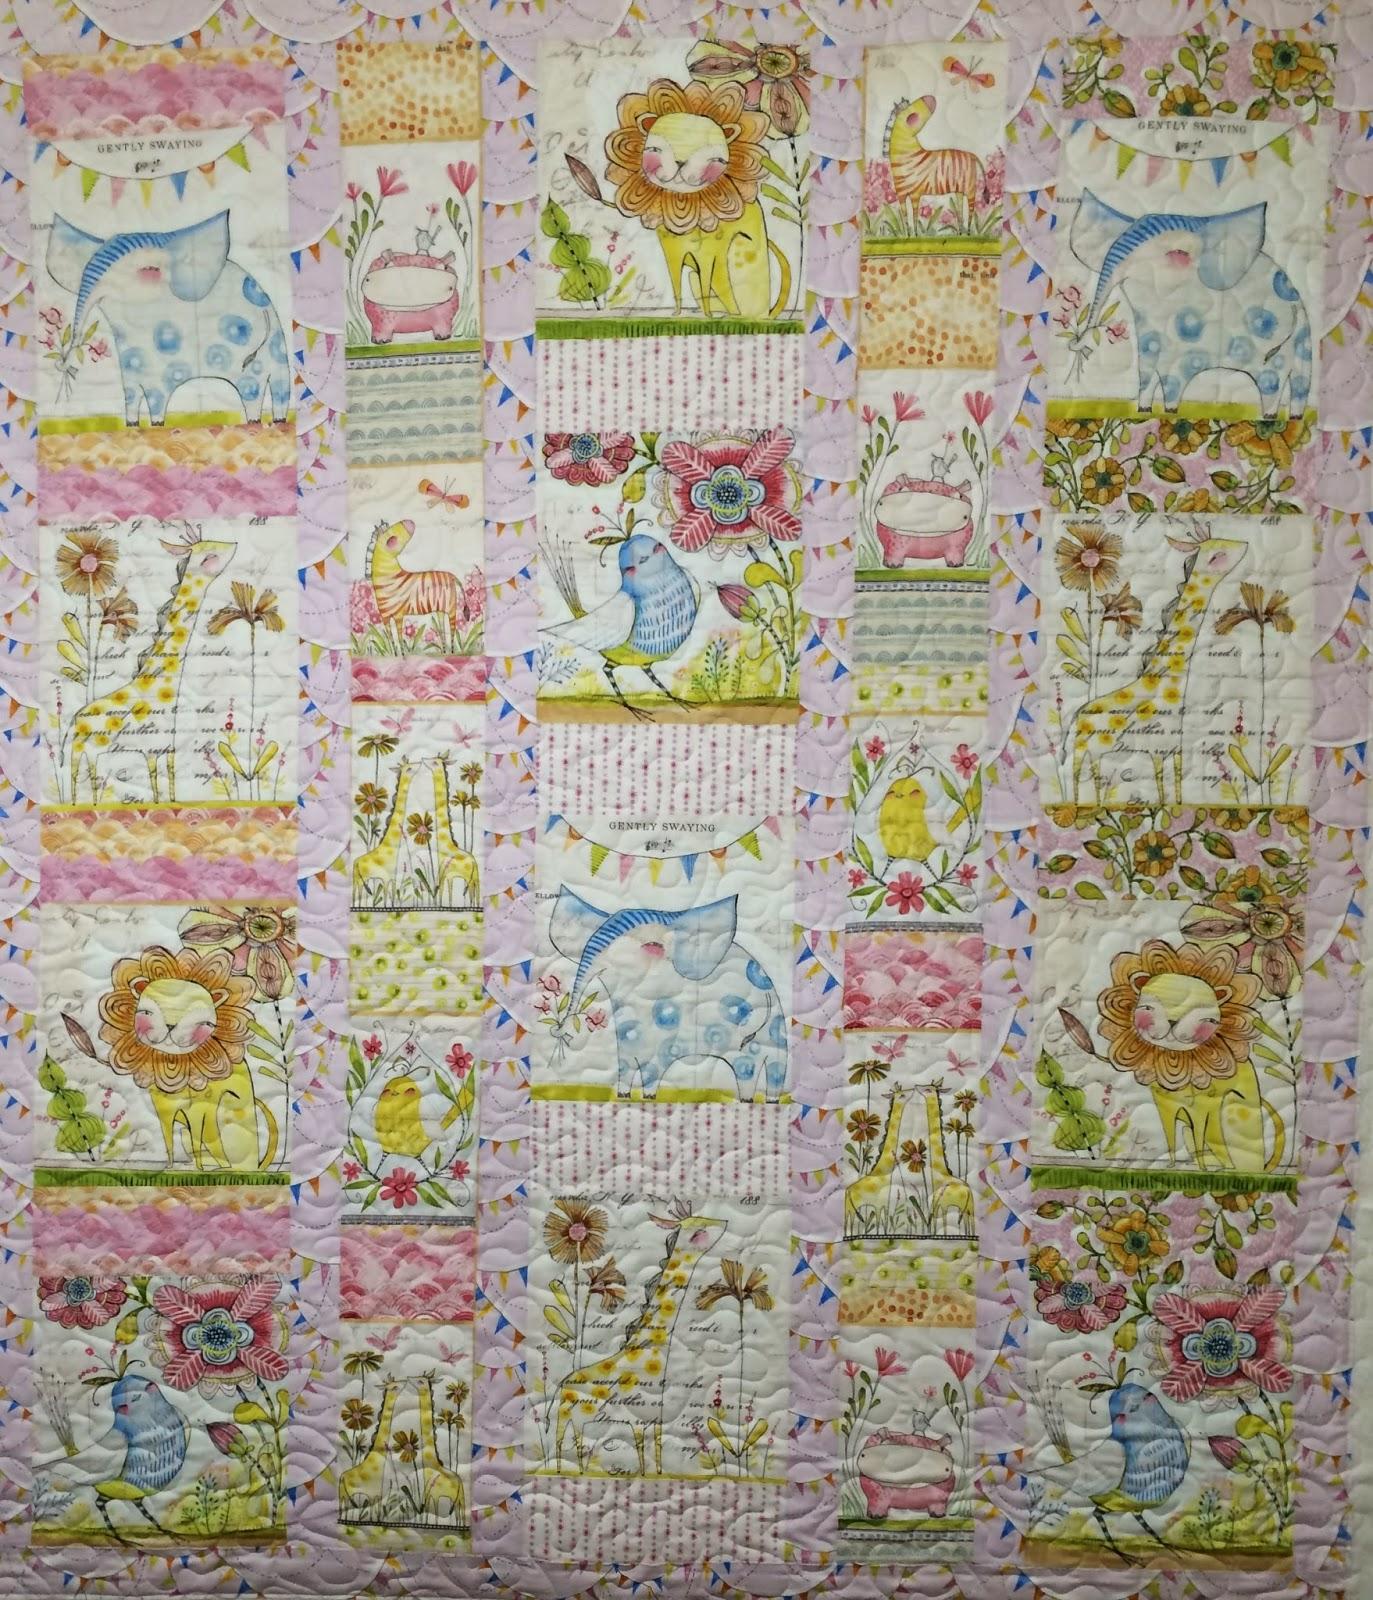 Lisa Boyette's Pink Menagerie Quilt